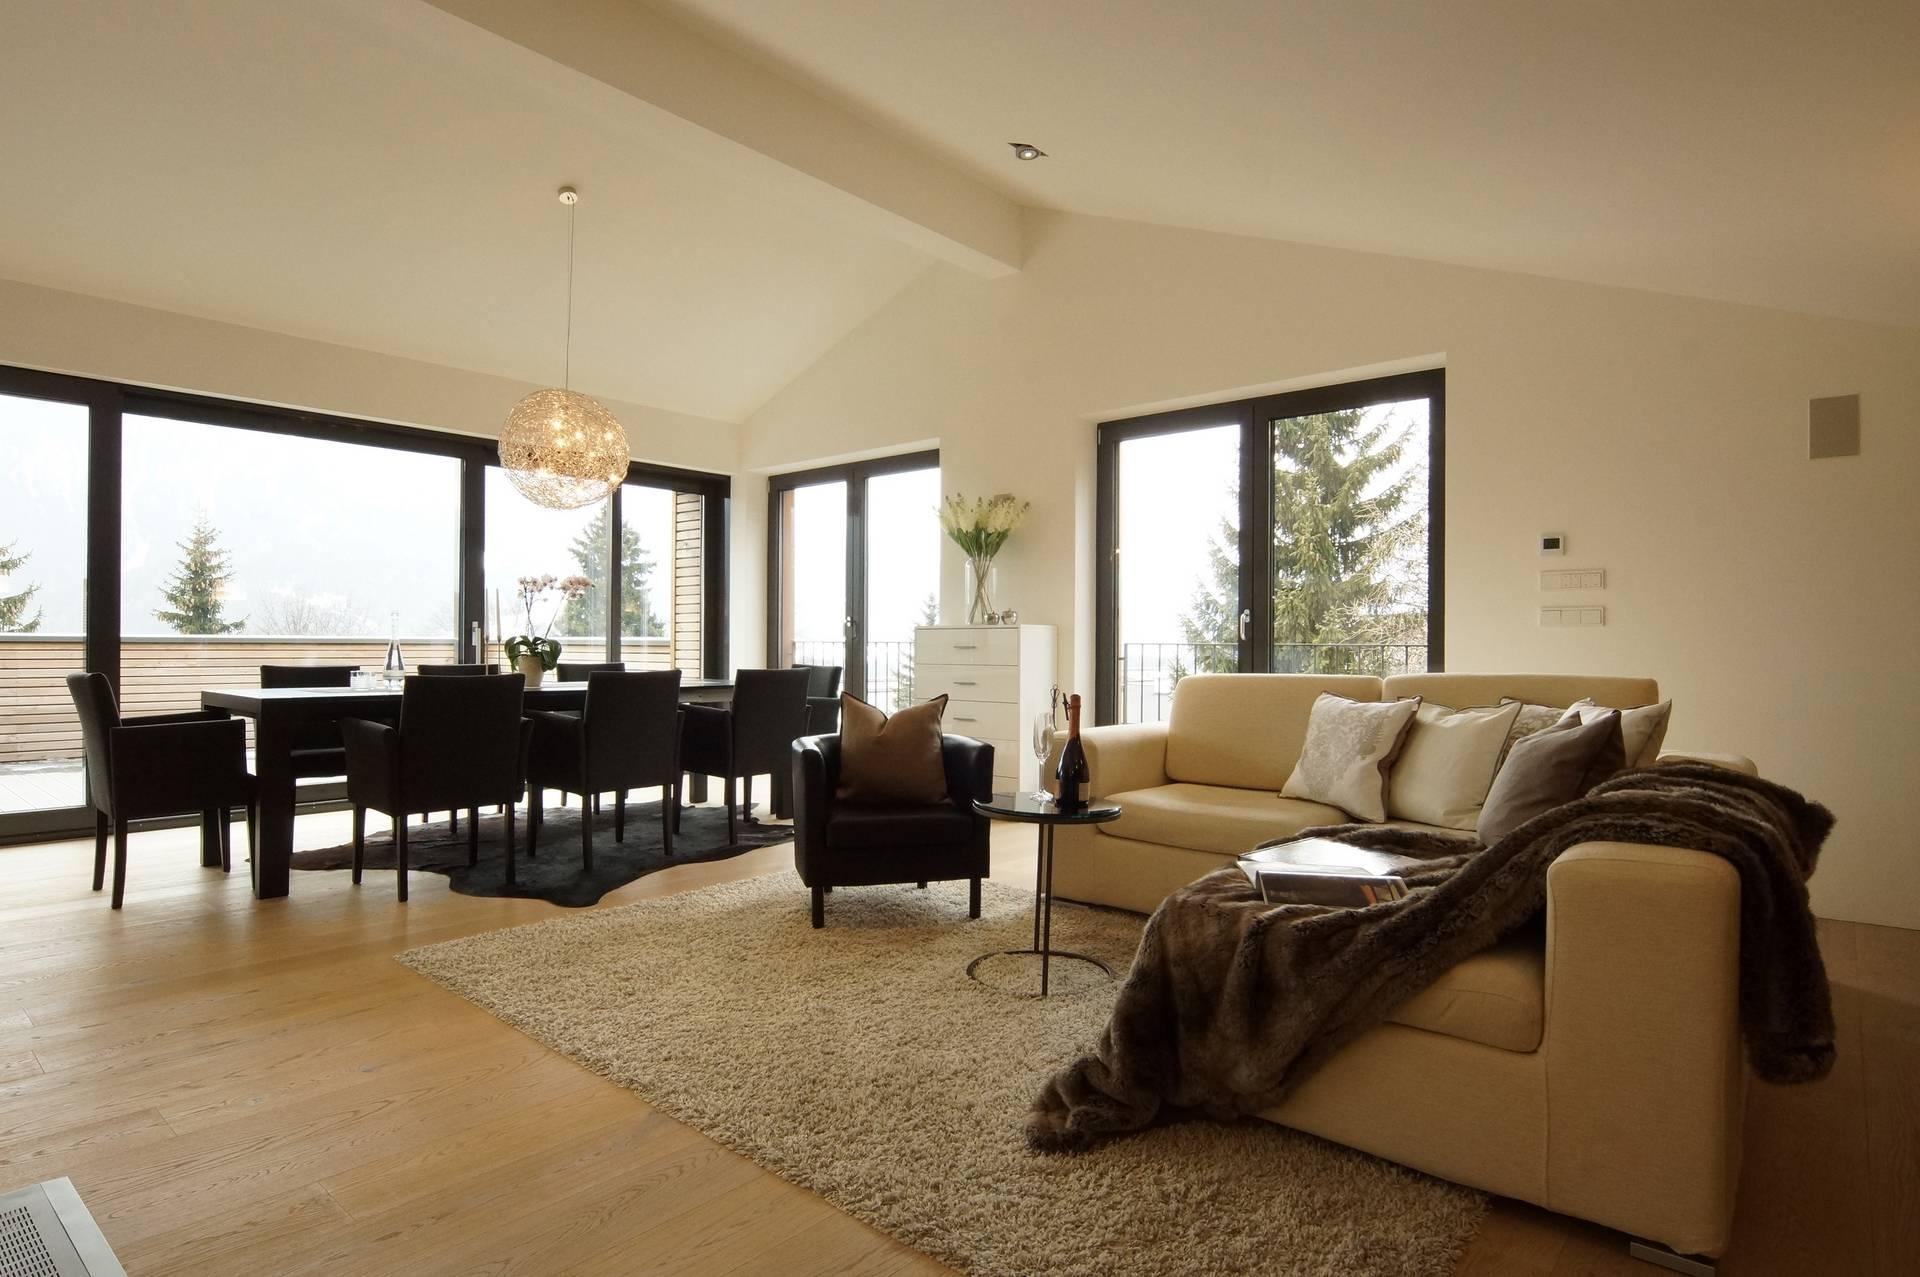 penthouse wohnung selectiv ihr m bel und einrichtungshaus in bruneck s dtirol. Black Bedroom Furniture Sets. Home Design Ideas